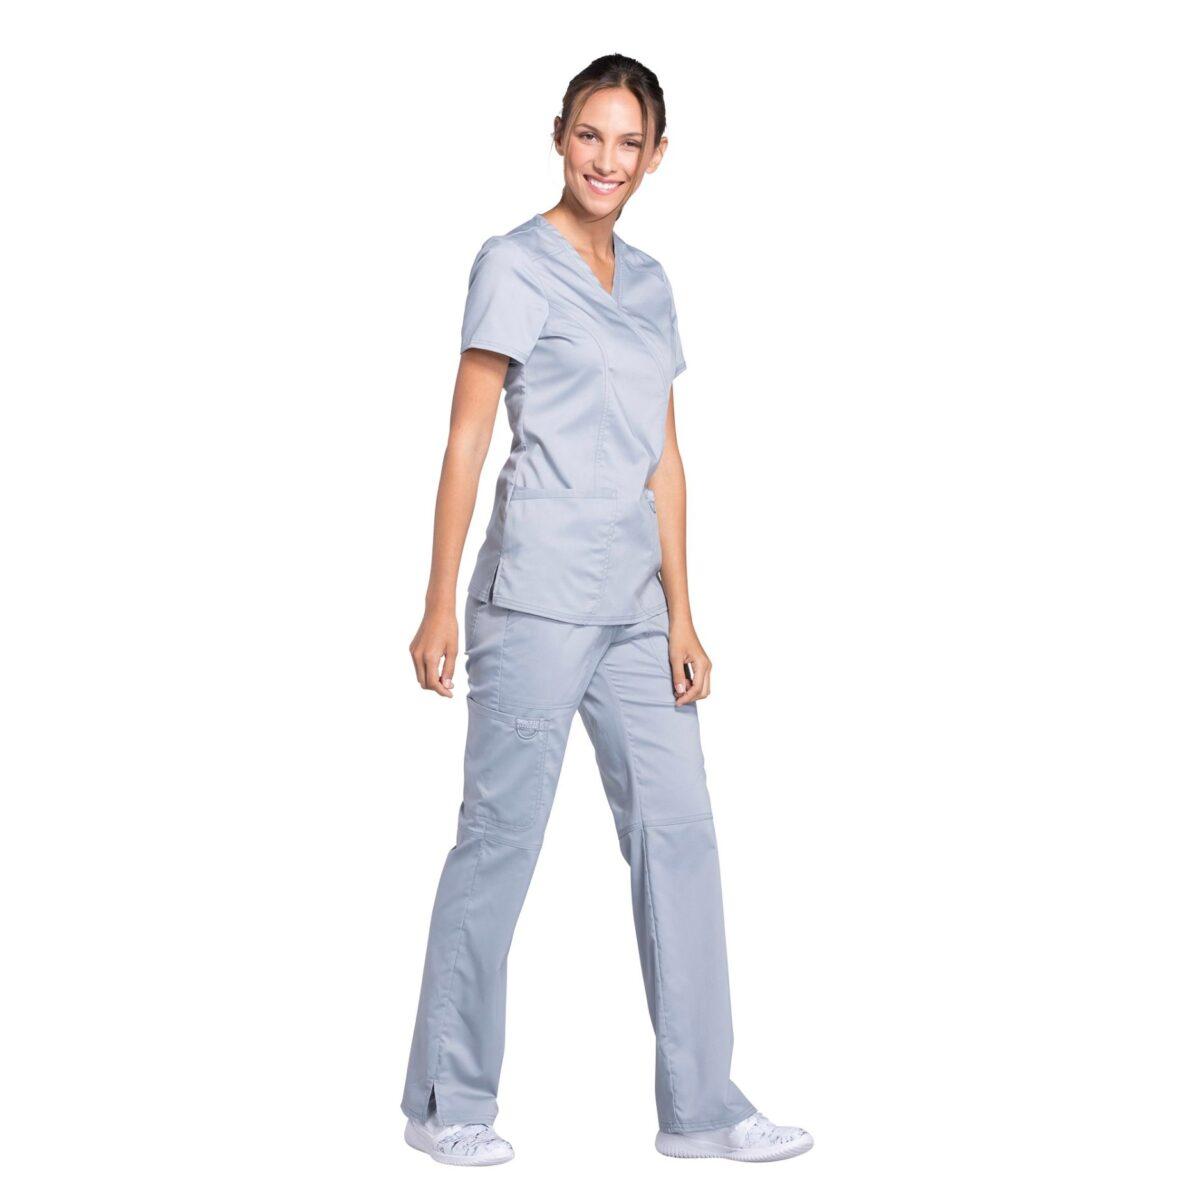 Женский медицинский костюм Revolution цвет серый